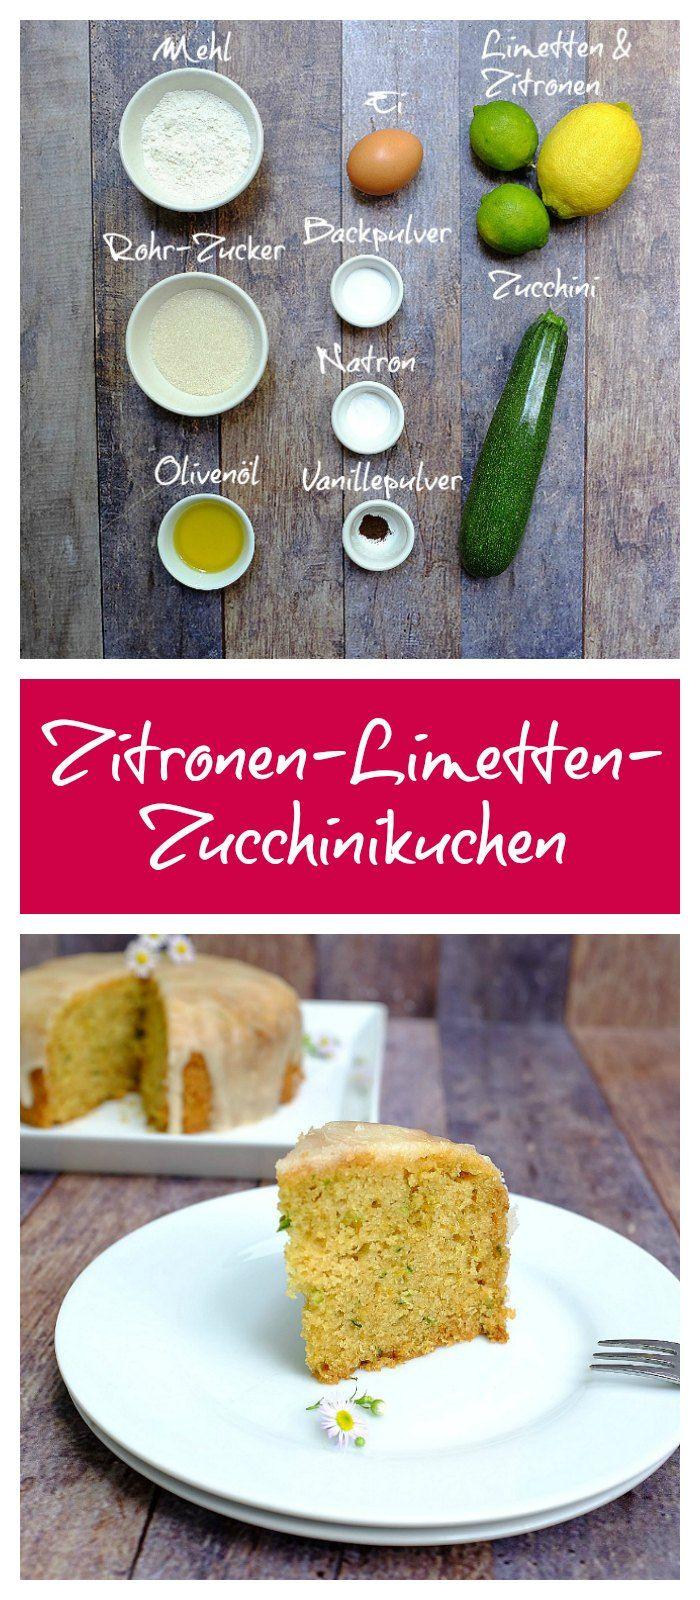 Zucchini-Kuchen | Sommerkuchen | Zitronenkuchen | Limettenkuchen | einfaches Kuchenrezept